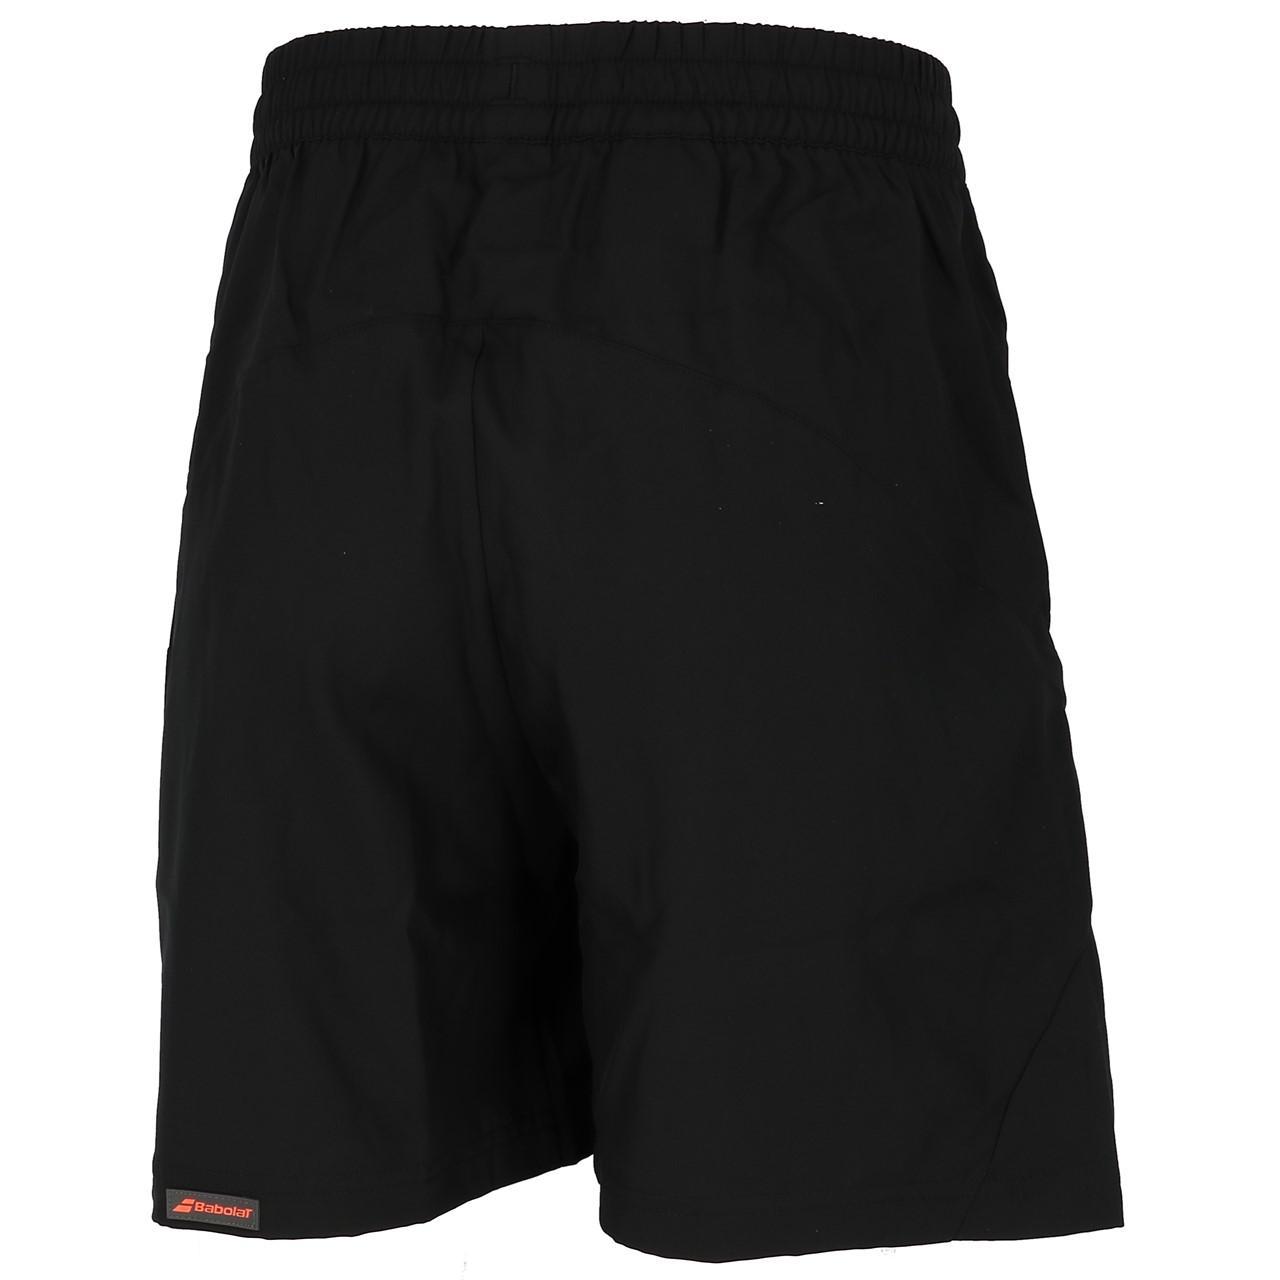 Shorts-Tennis-Babolat-Core-Shorts-8-Men-Black-Black-71700-New thumbnail 5